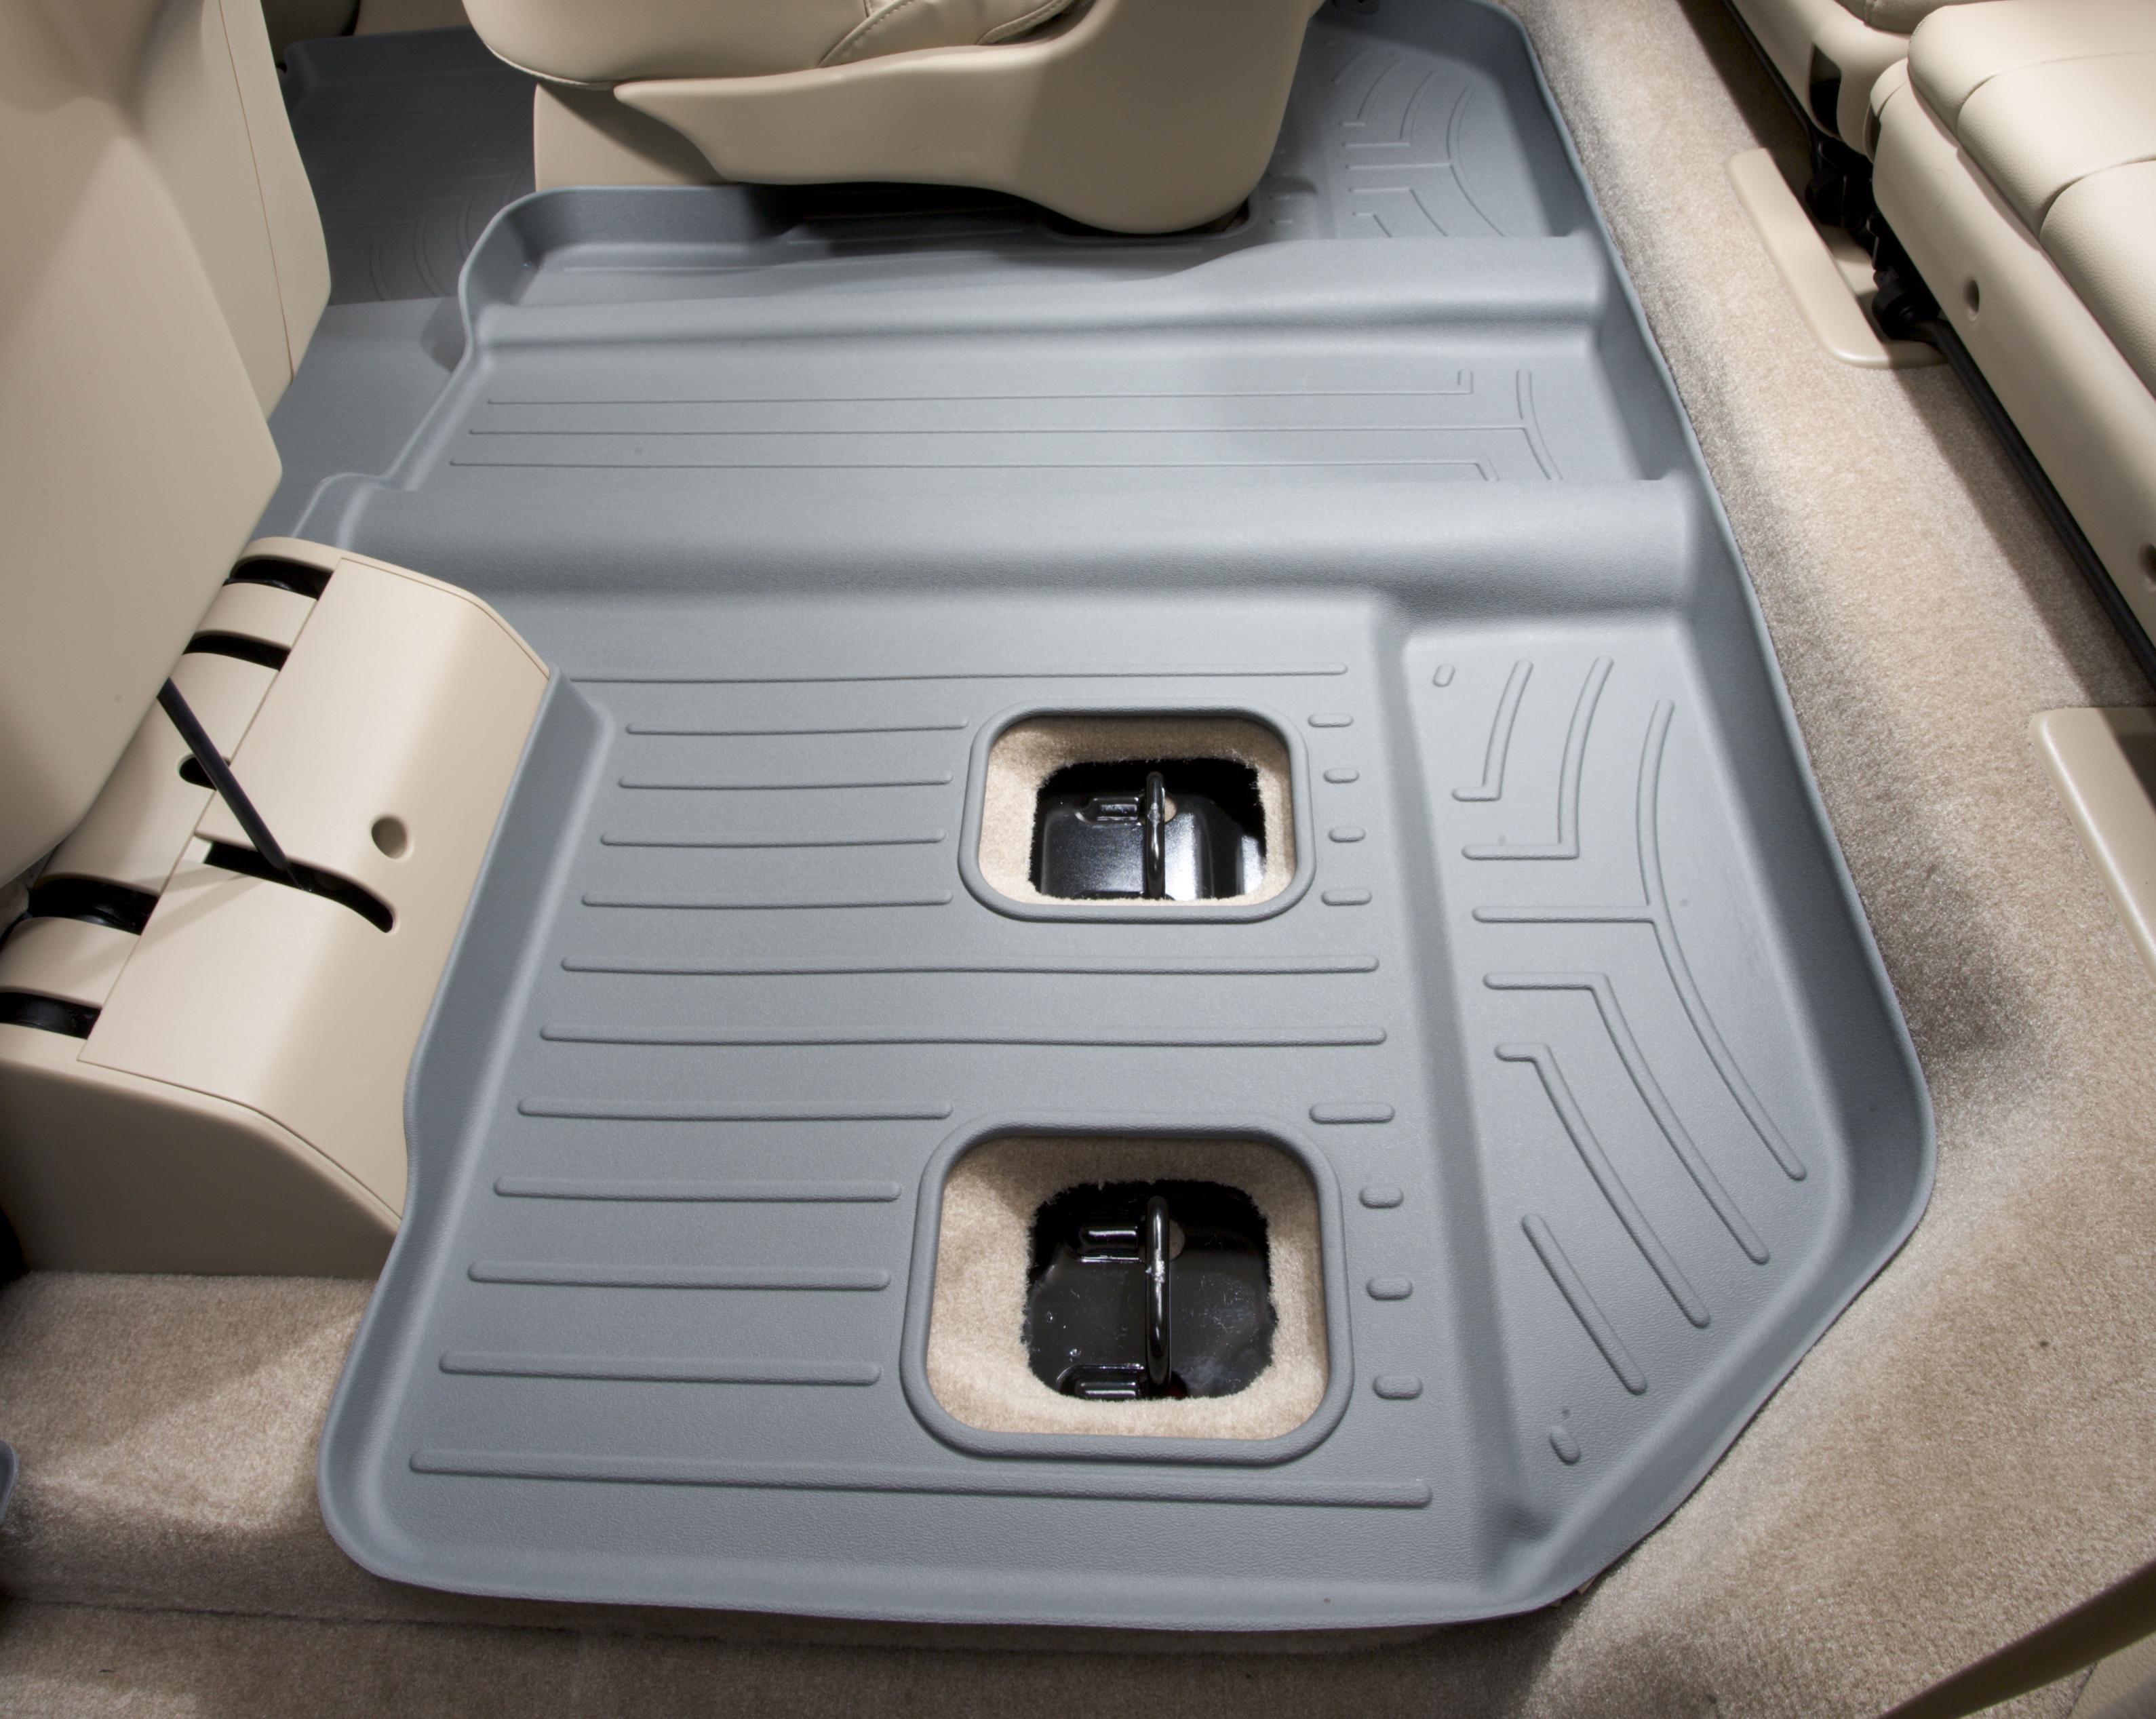 Tappeti gomma su misura bordo alto Cadillac Escalade ESV 07>10 Grigio A45*